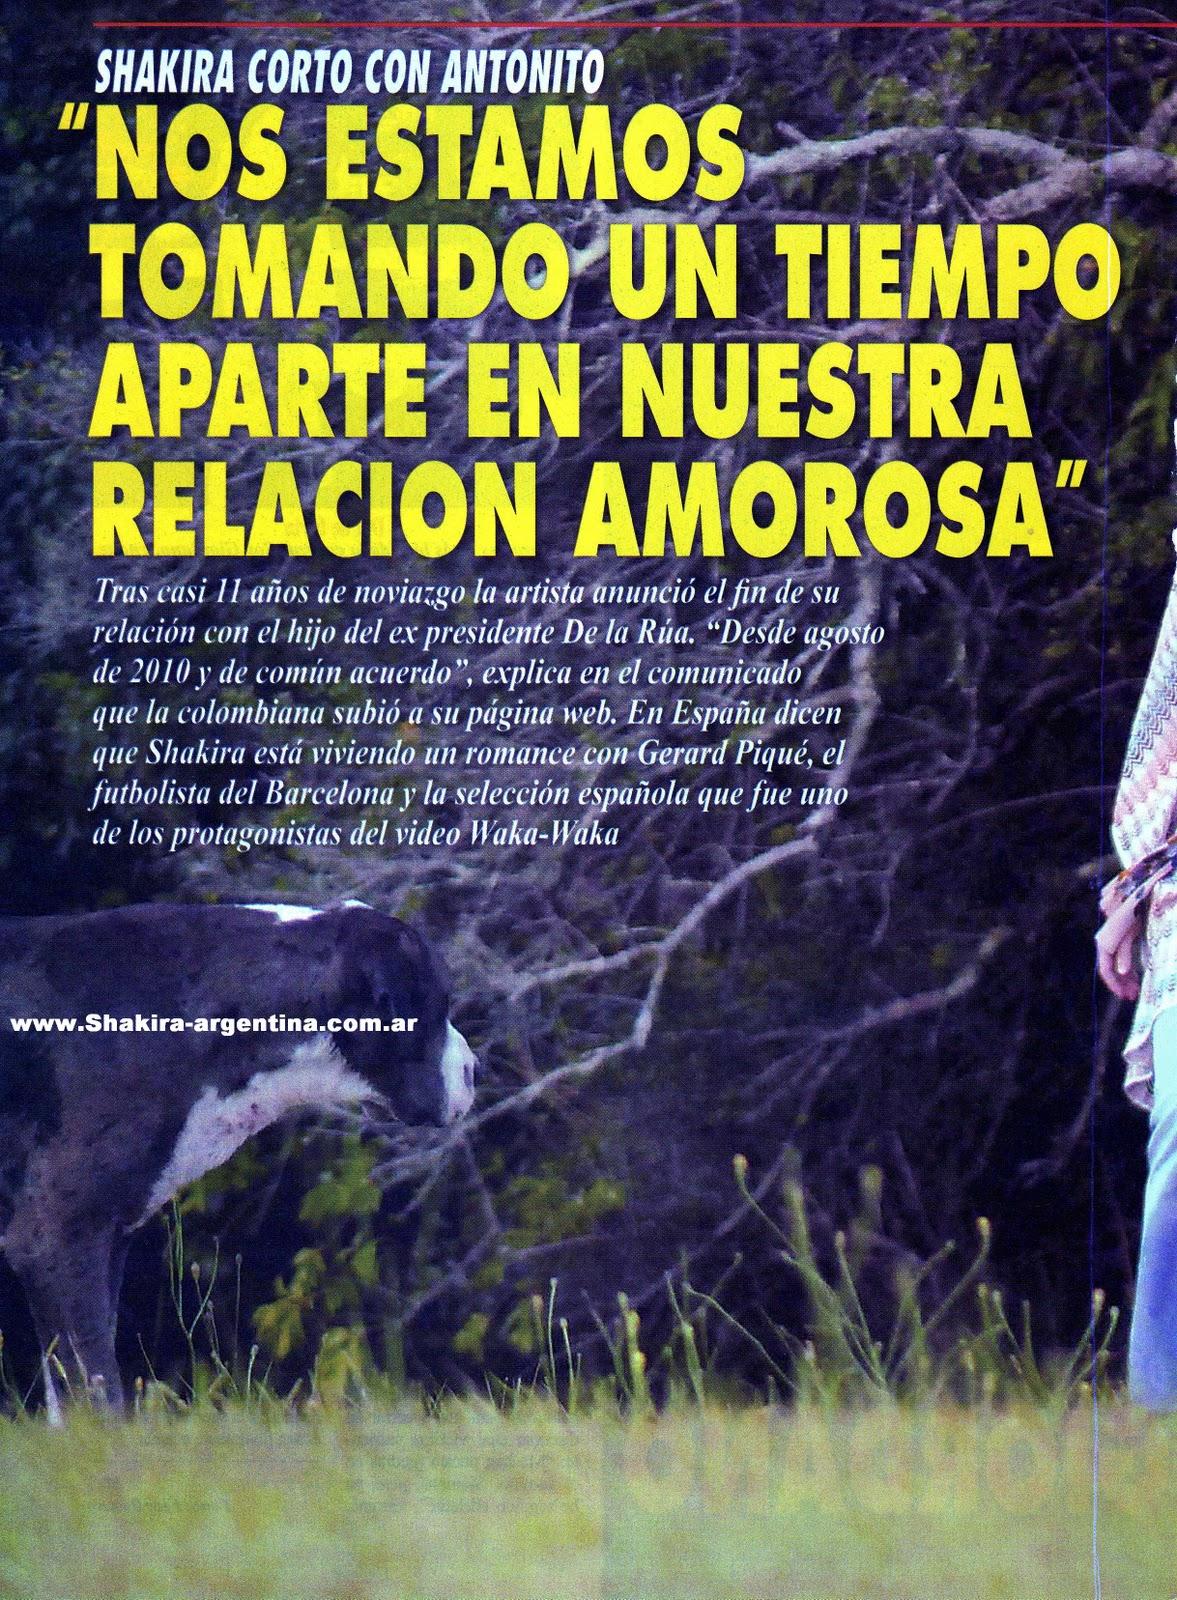 http://4.bp.blogspot.com/_Ua0EQ0c6zB0/TTBhIe0iSFI/AAAAAAAAI3w/AYtxDBnPrYM/s1600/www.shakira-argentina.com.ar01.jpg